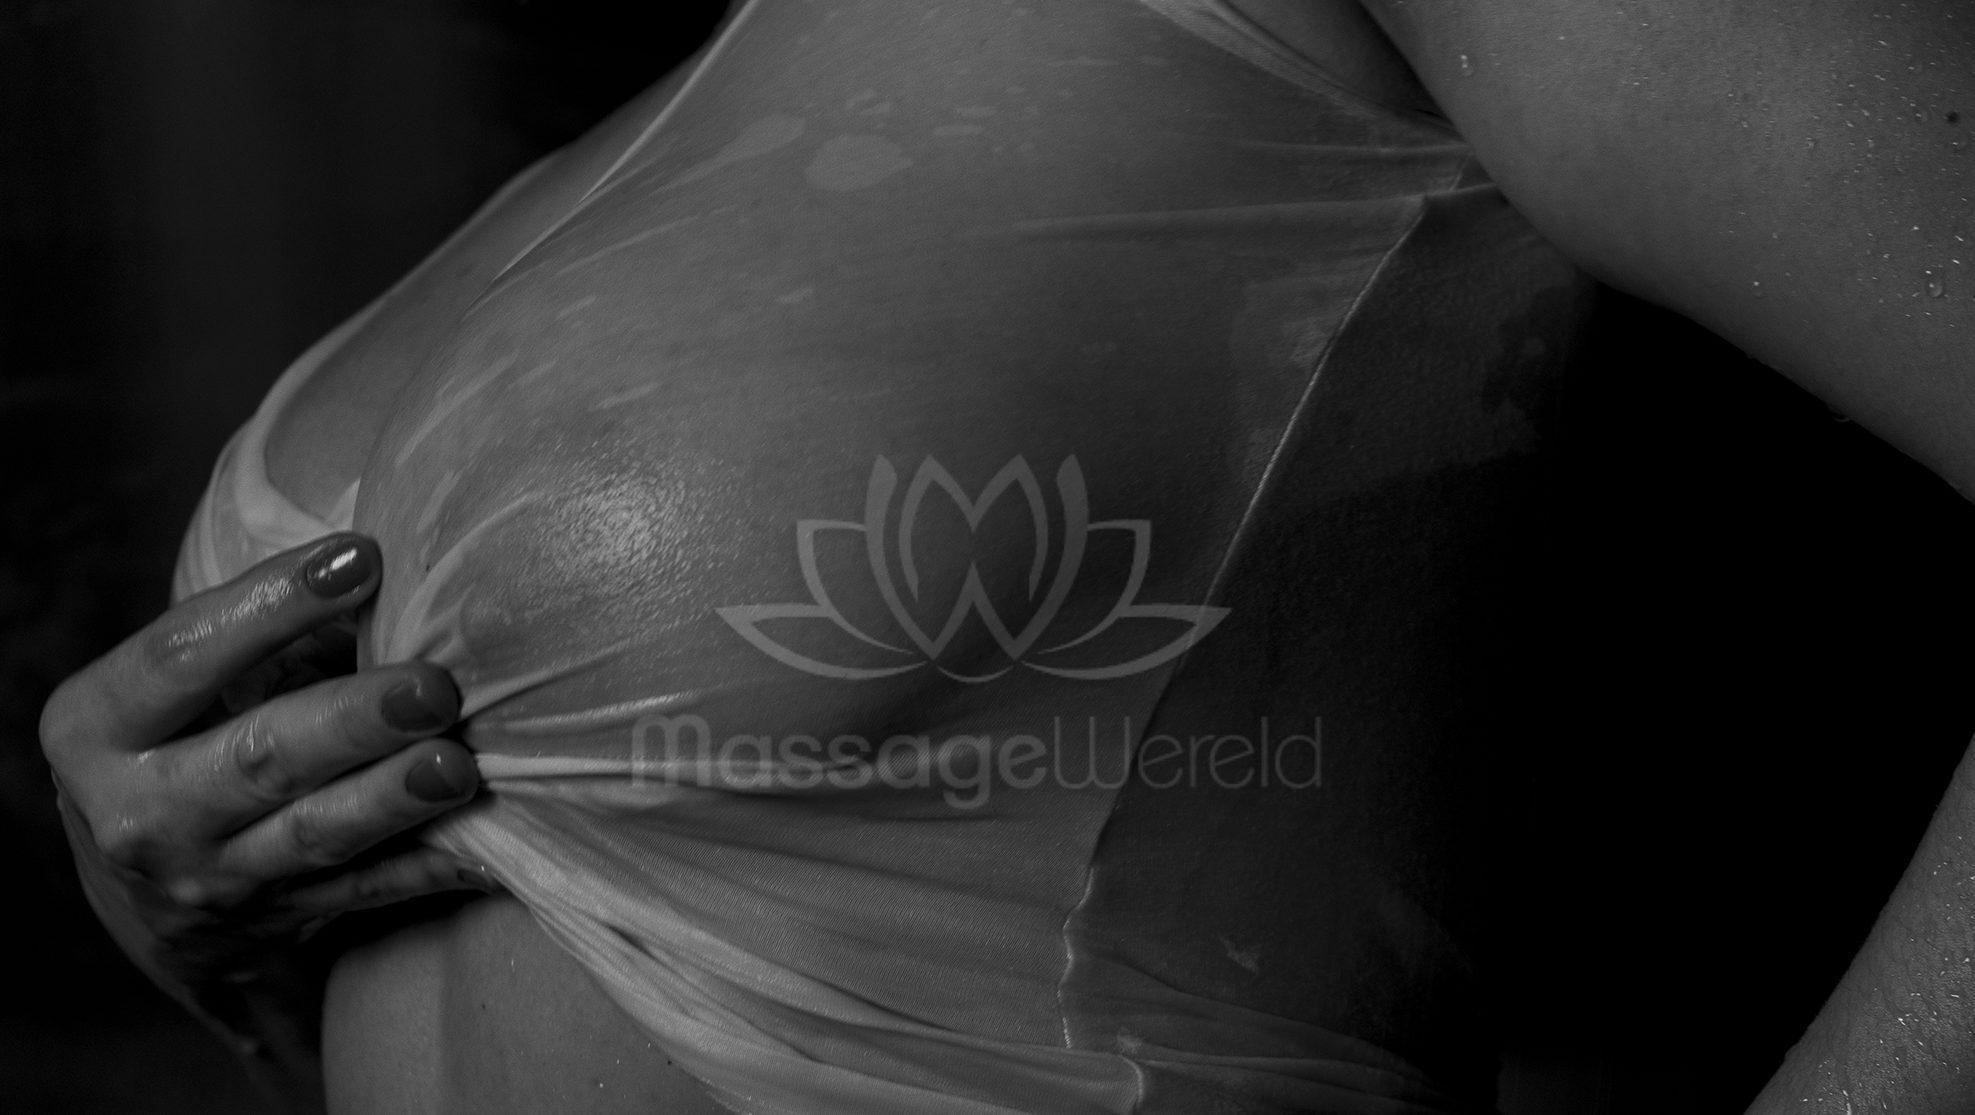 Lexi from MassageWereld